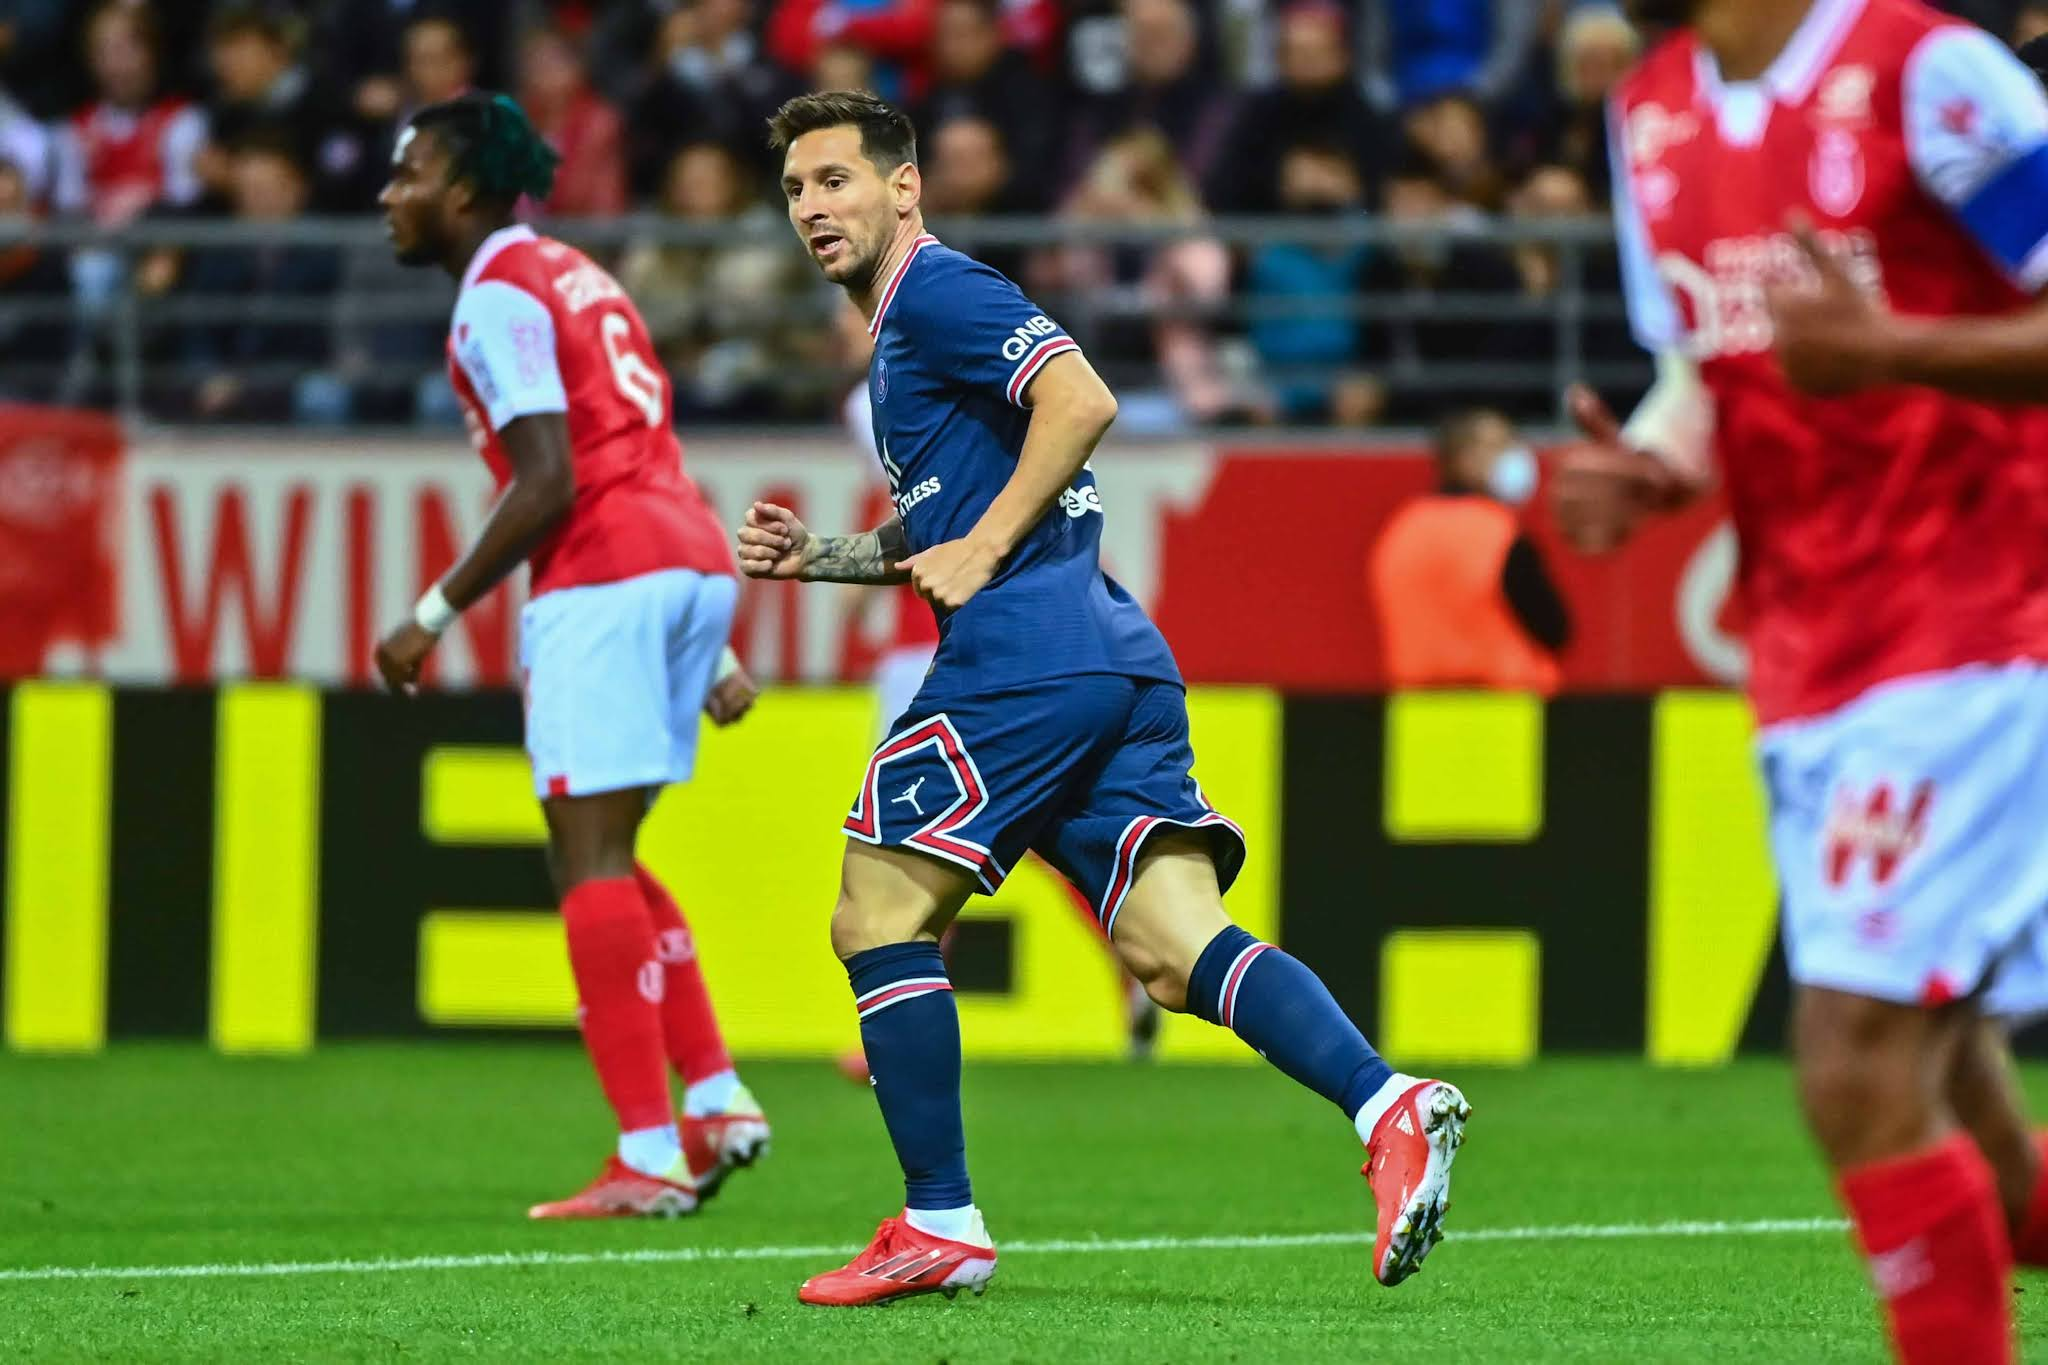 El comienzo de una nueva era: Messi hizo su debut triunfal en Paris Saint Germain